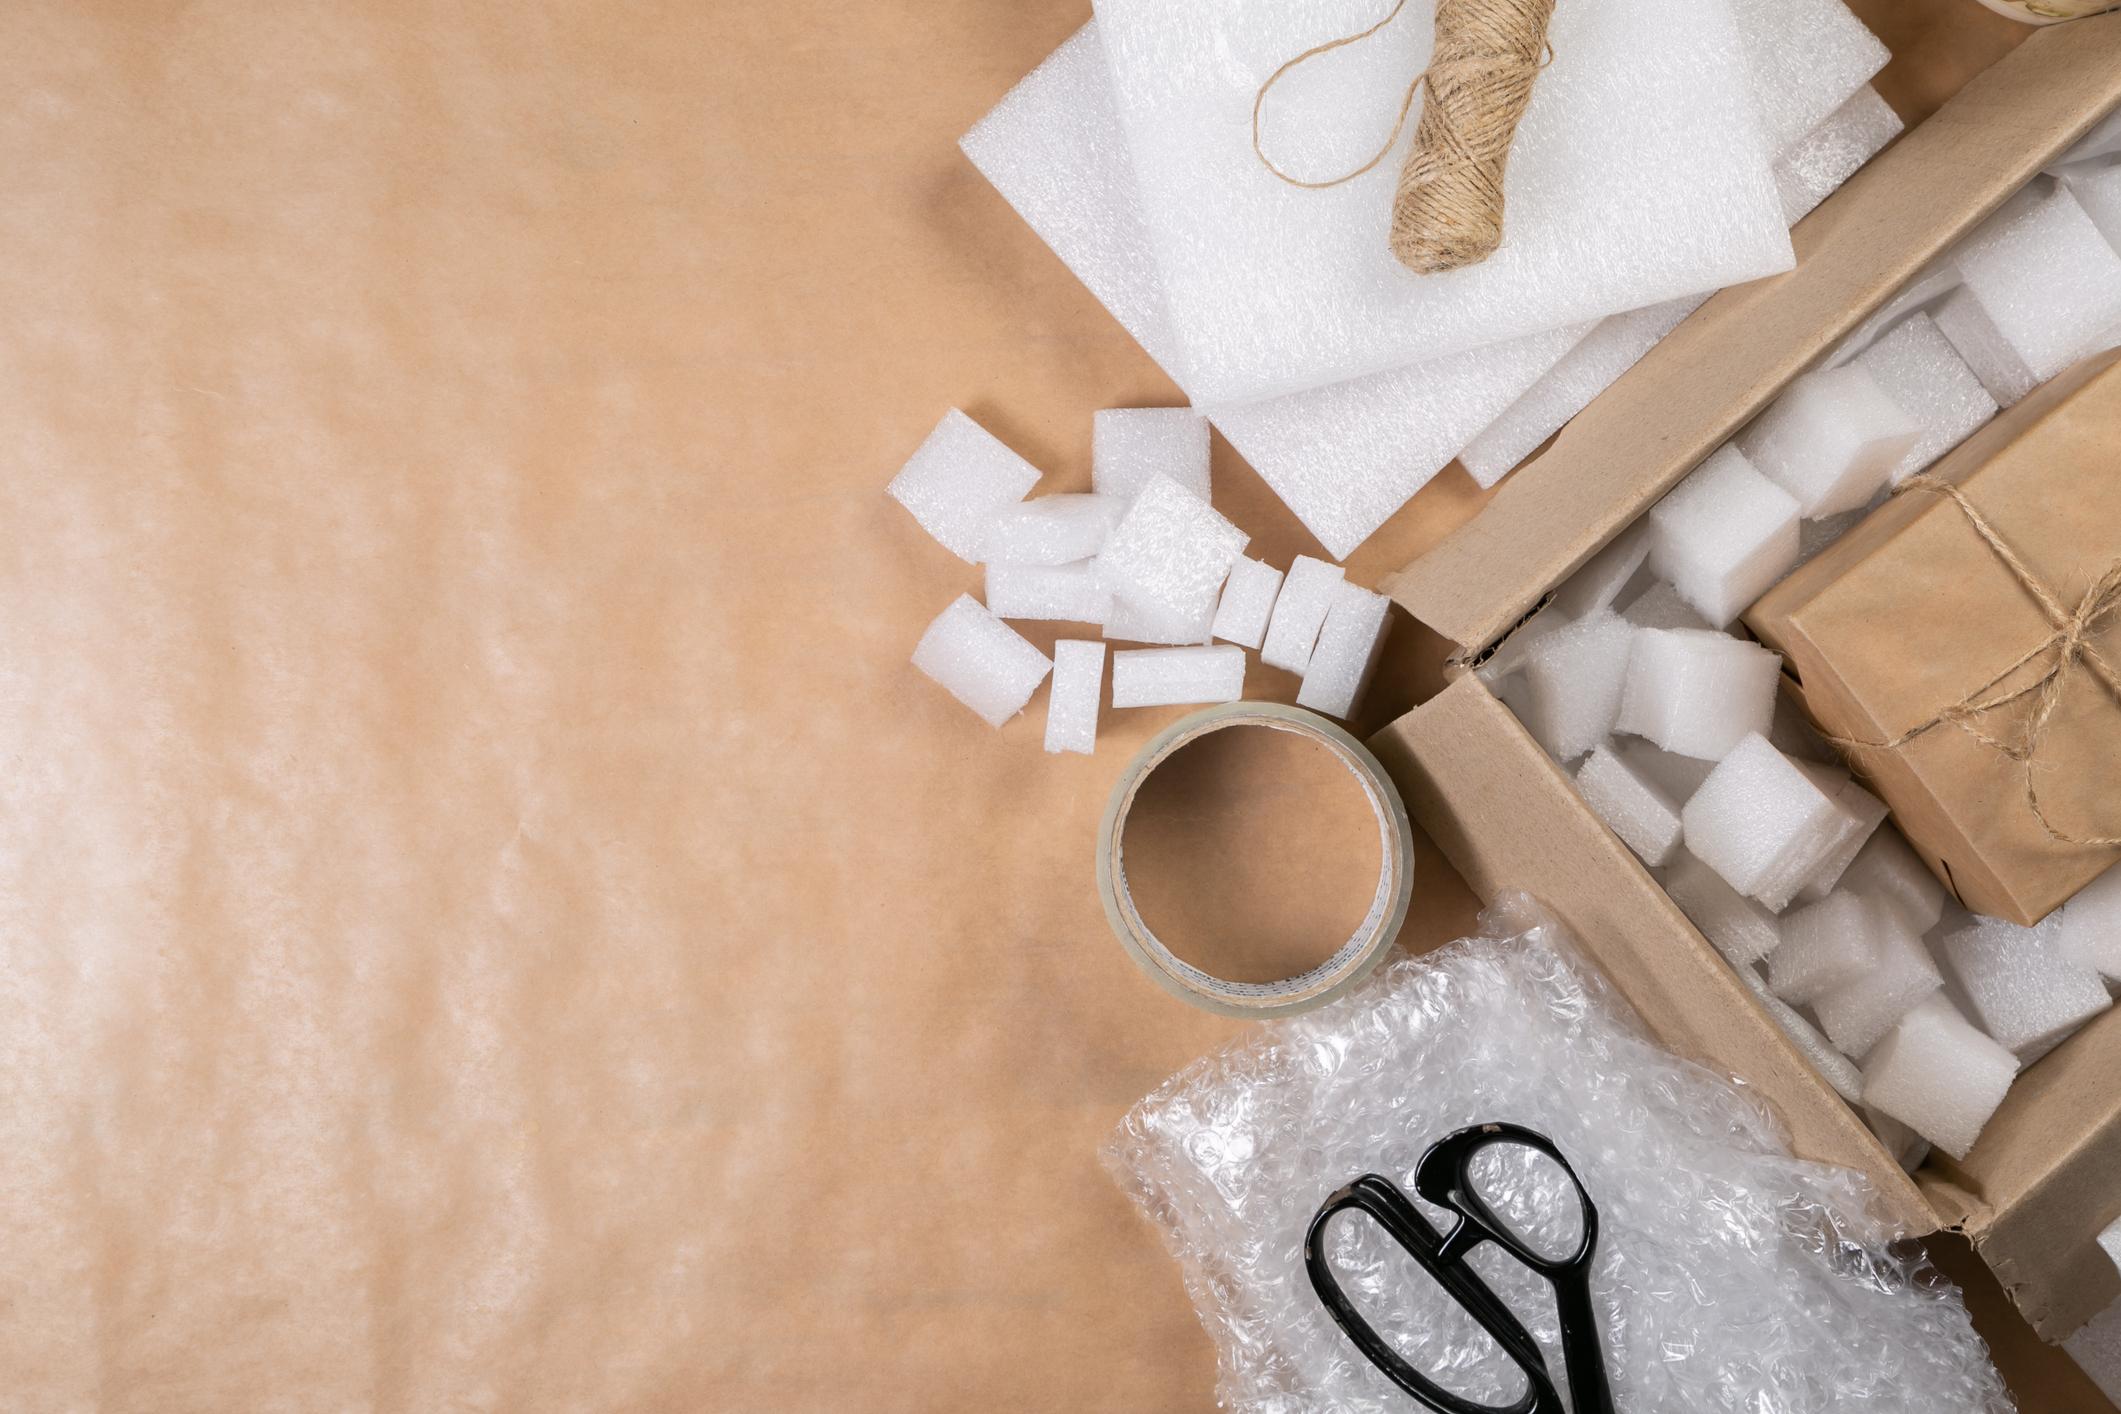 Folia bąbelkowa, kartonowe pudło, czyli jak poprawnie zapakować przesyłkę?